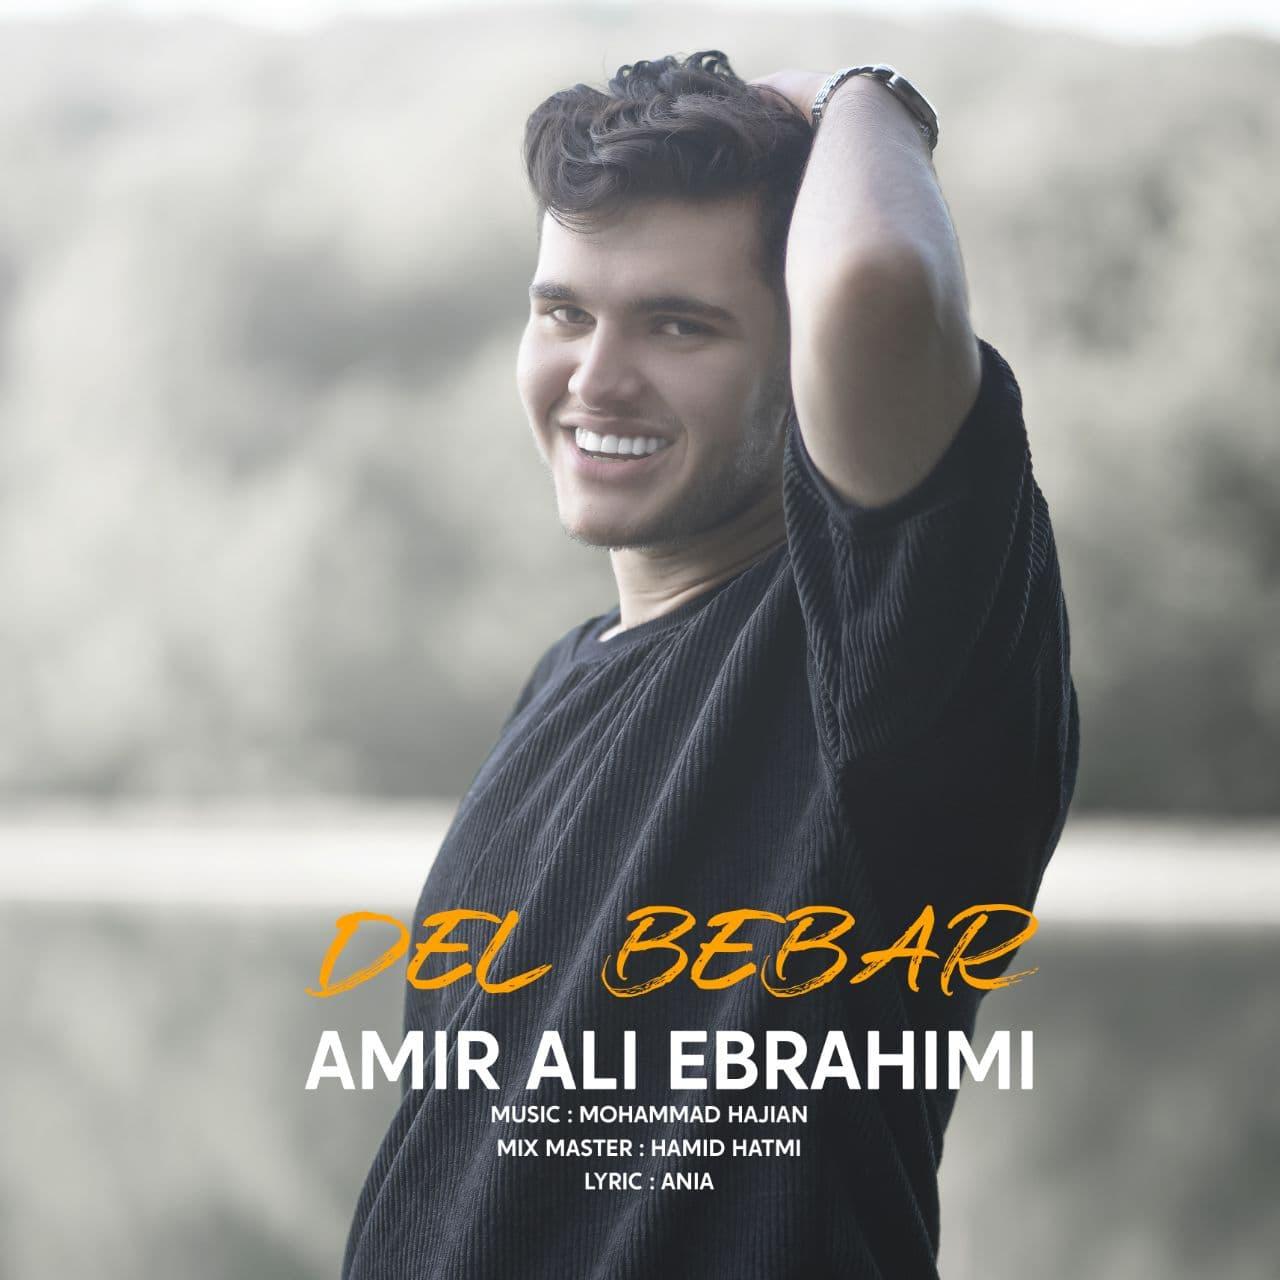 دانلود آهنگ جدید امیر علی ابراهیمی بنام دل ببر